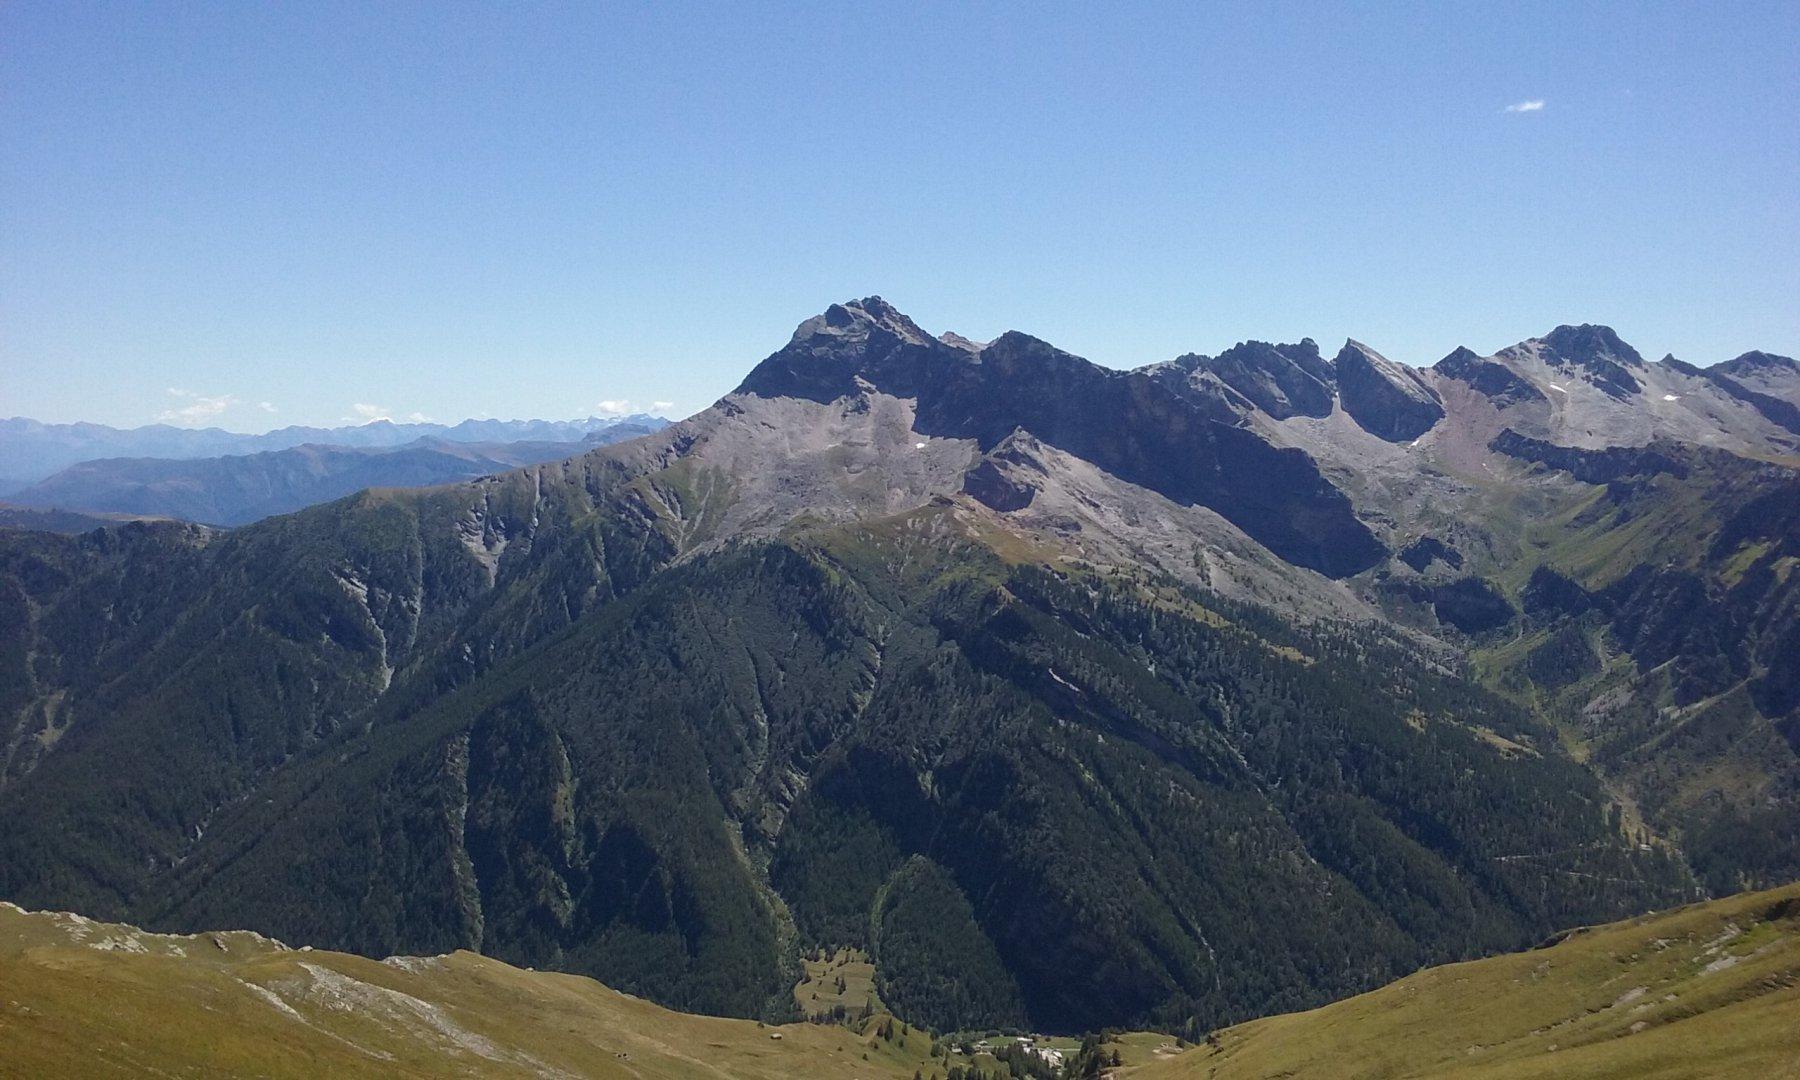 Il Pelvo d'Elva e la Valle di Bellino dal Colle di Bondormir